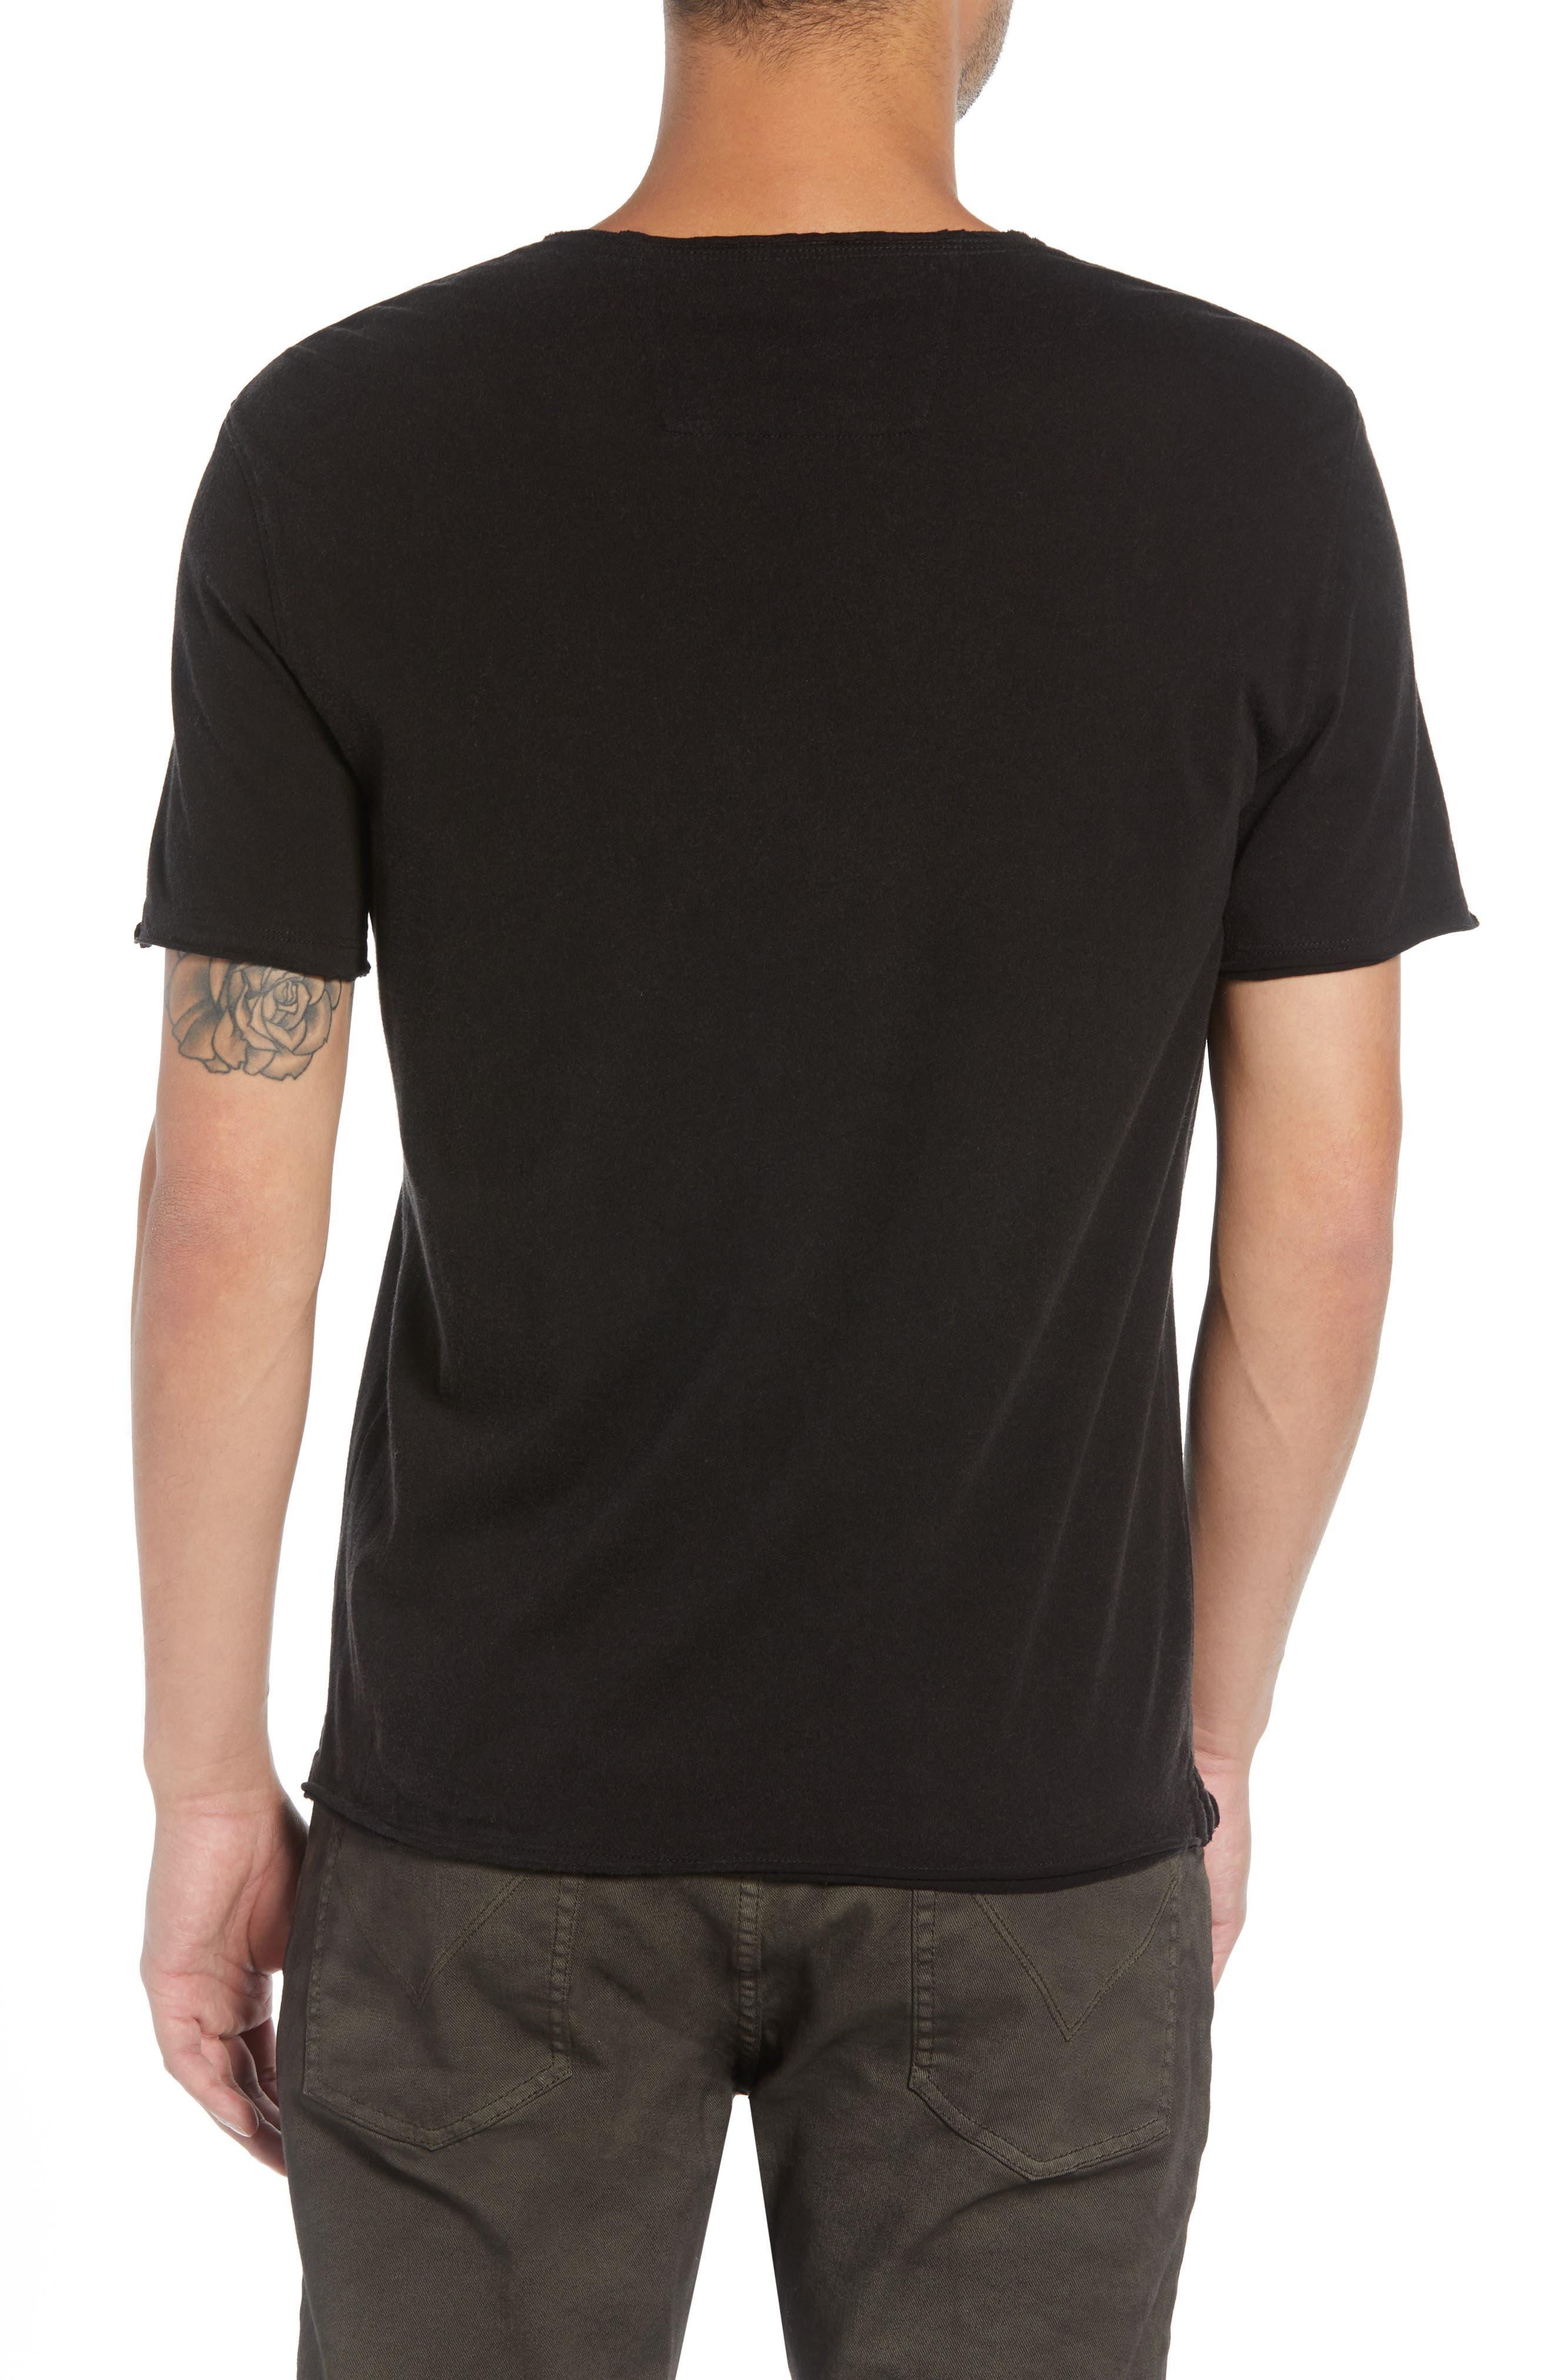 Scorpions T-Shirt,                             Alternate thumbnail 2, color,                             001